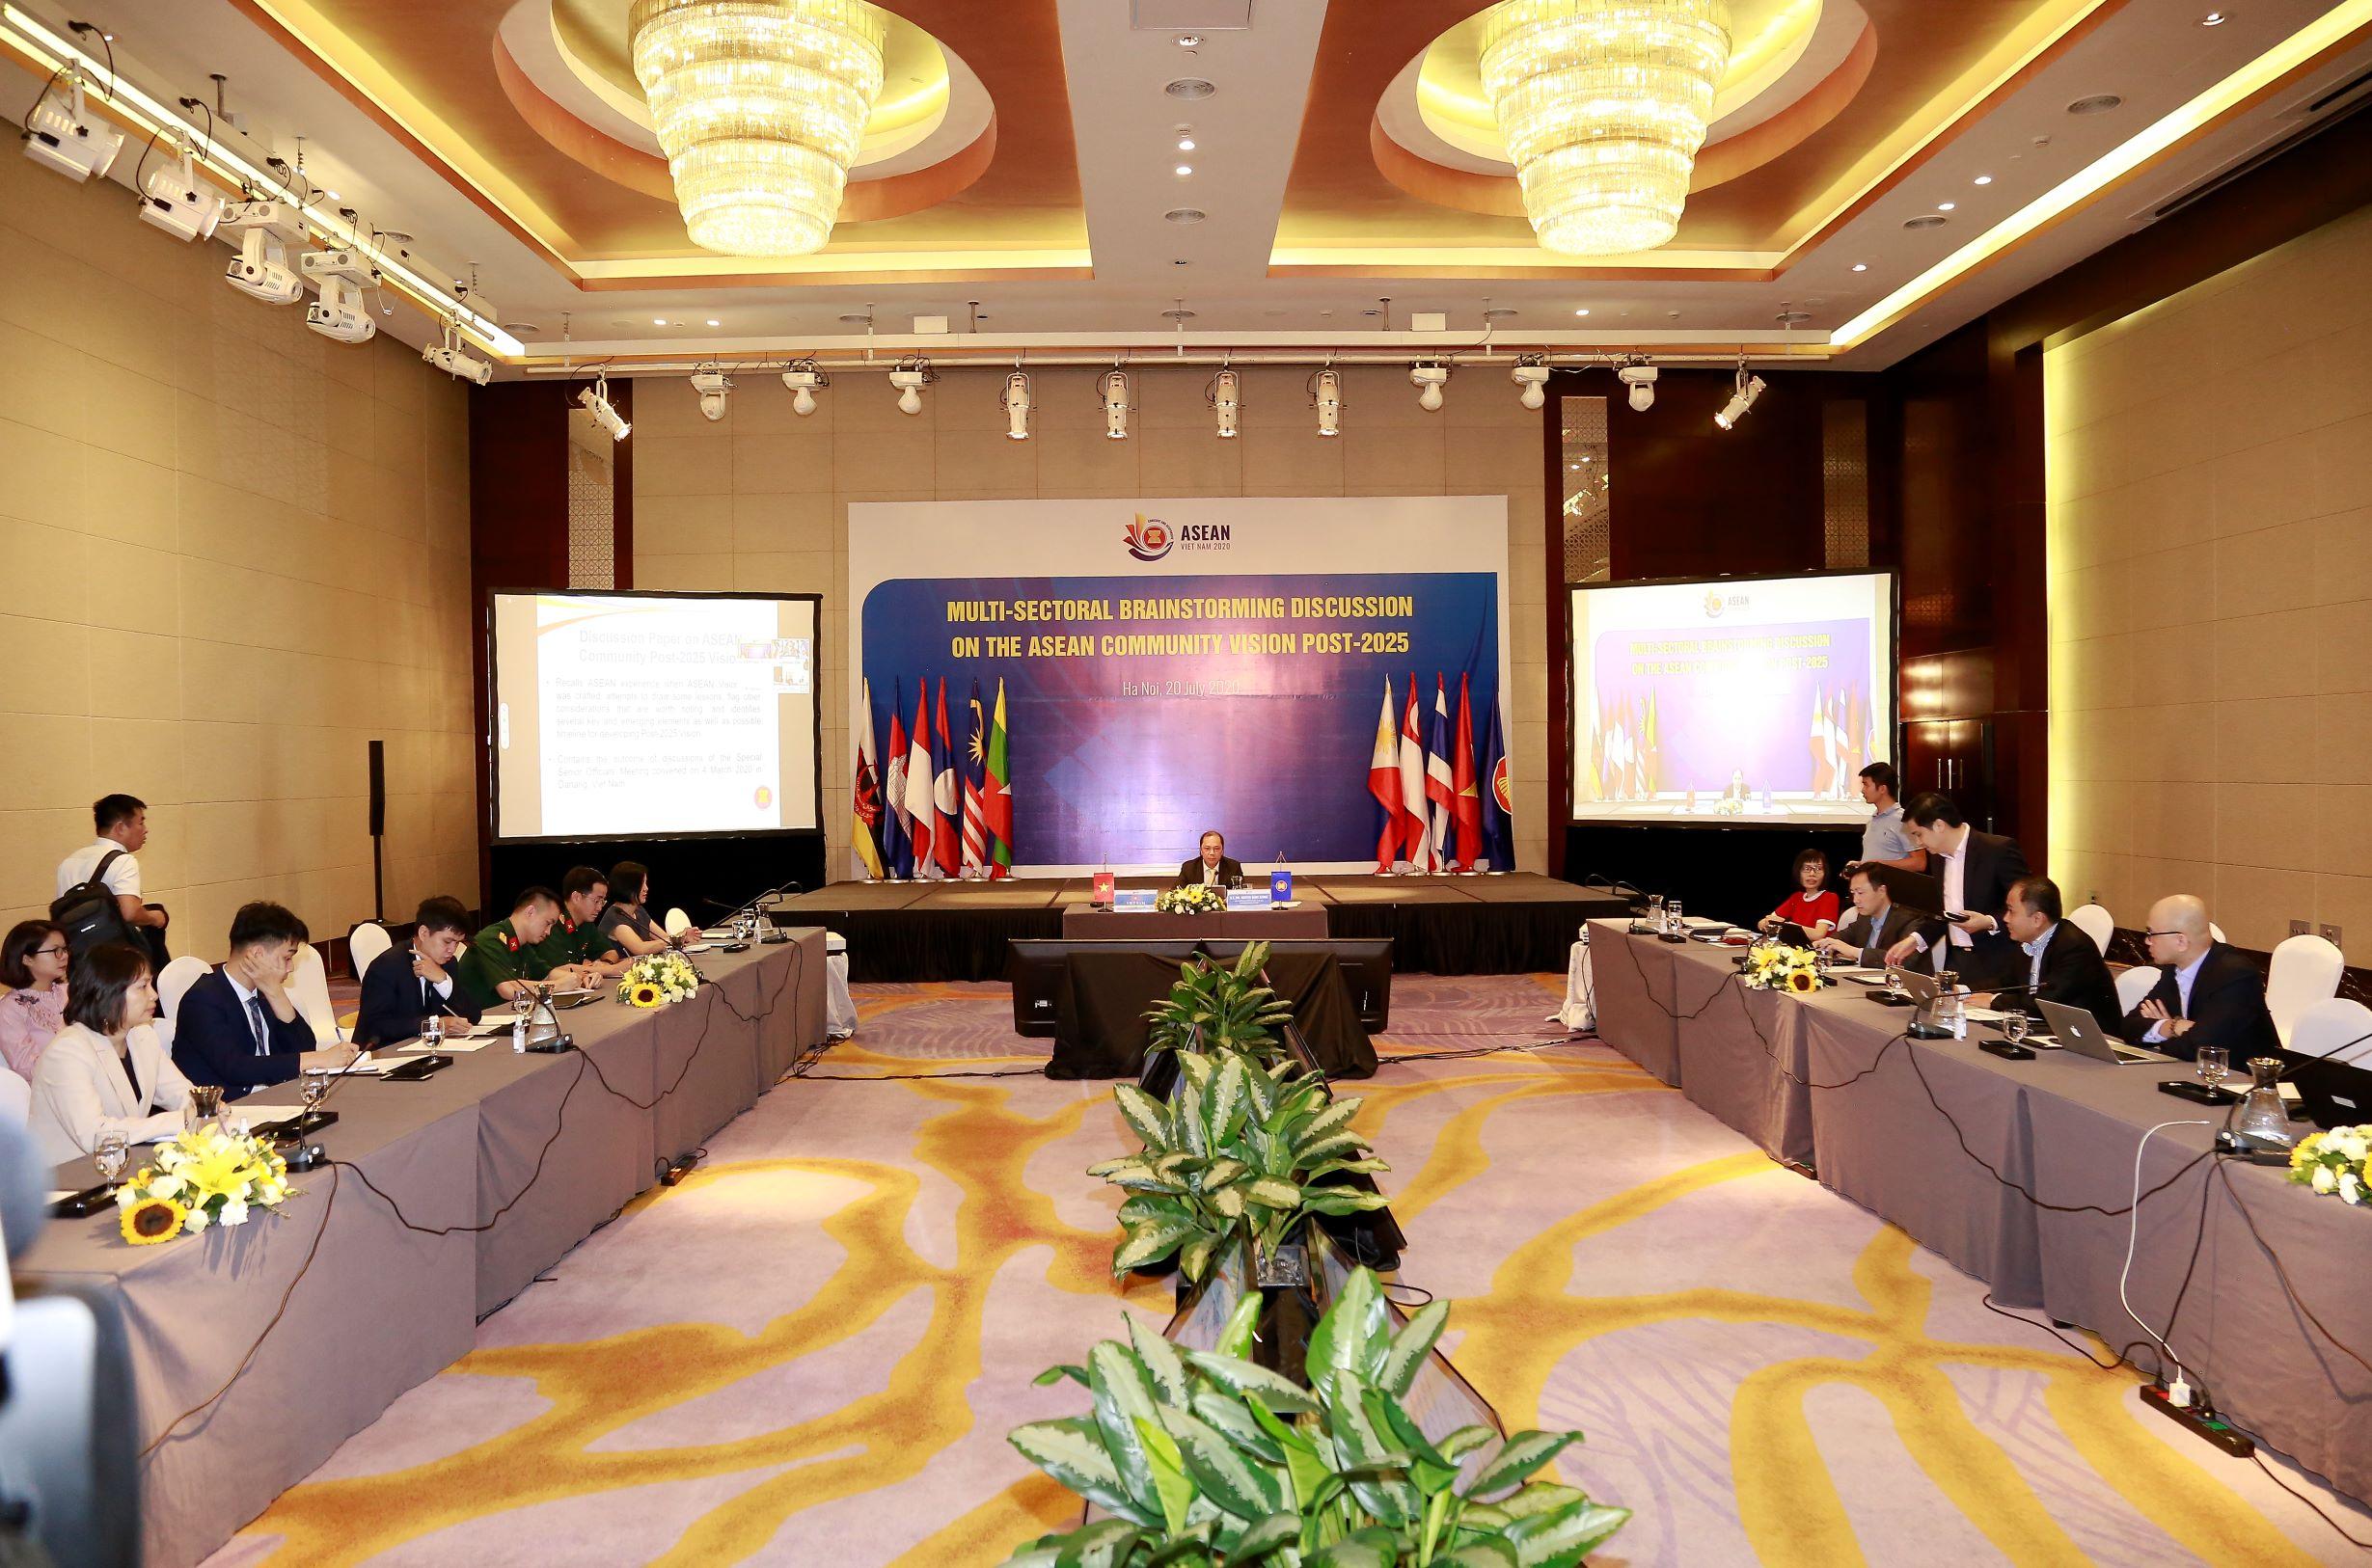 ASEAN thảo luận định hướng xây dựng Tầm nhìn Cộng đồng sau 2025